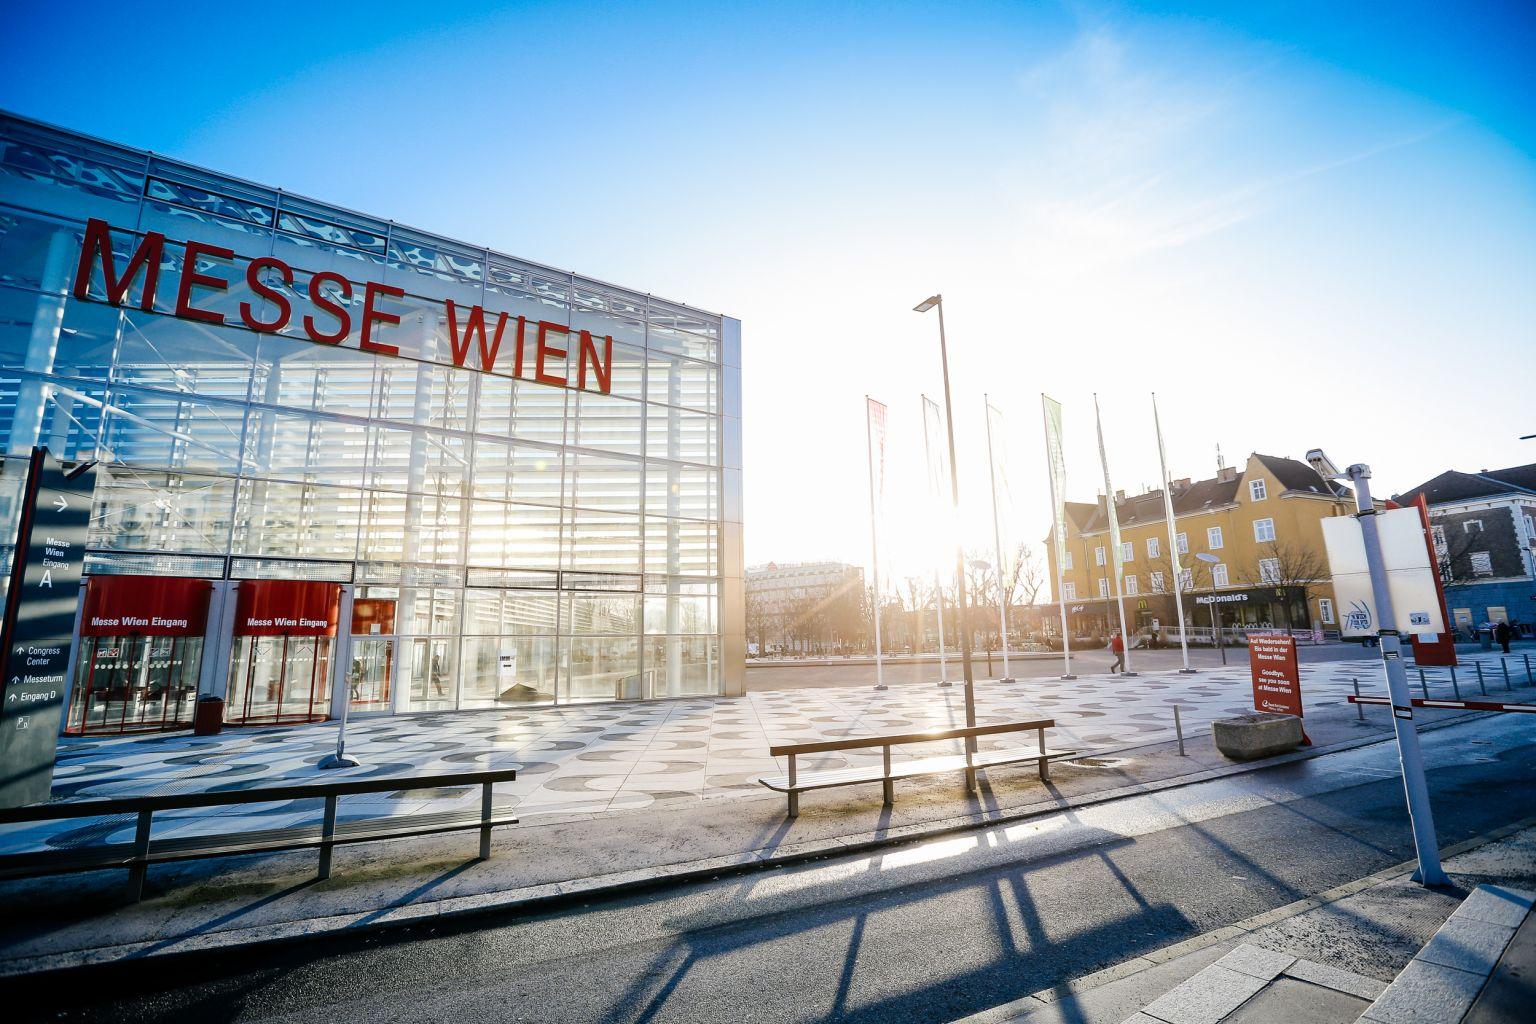 """Digitale Messen: """"Wohnen & Interieur"""" und """"Wiener Immobilien Messe"""" finden am 29. Mai statt"""